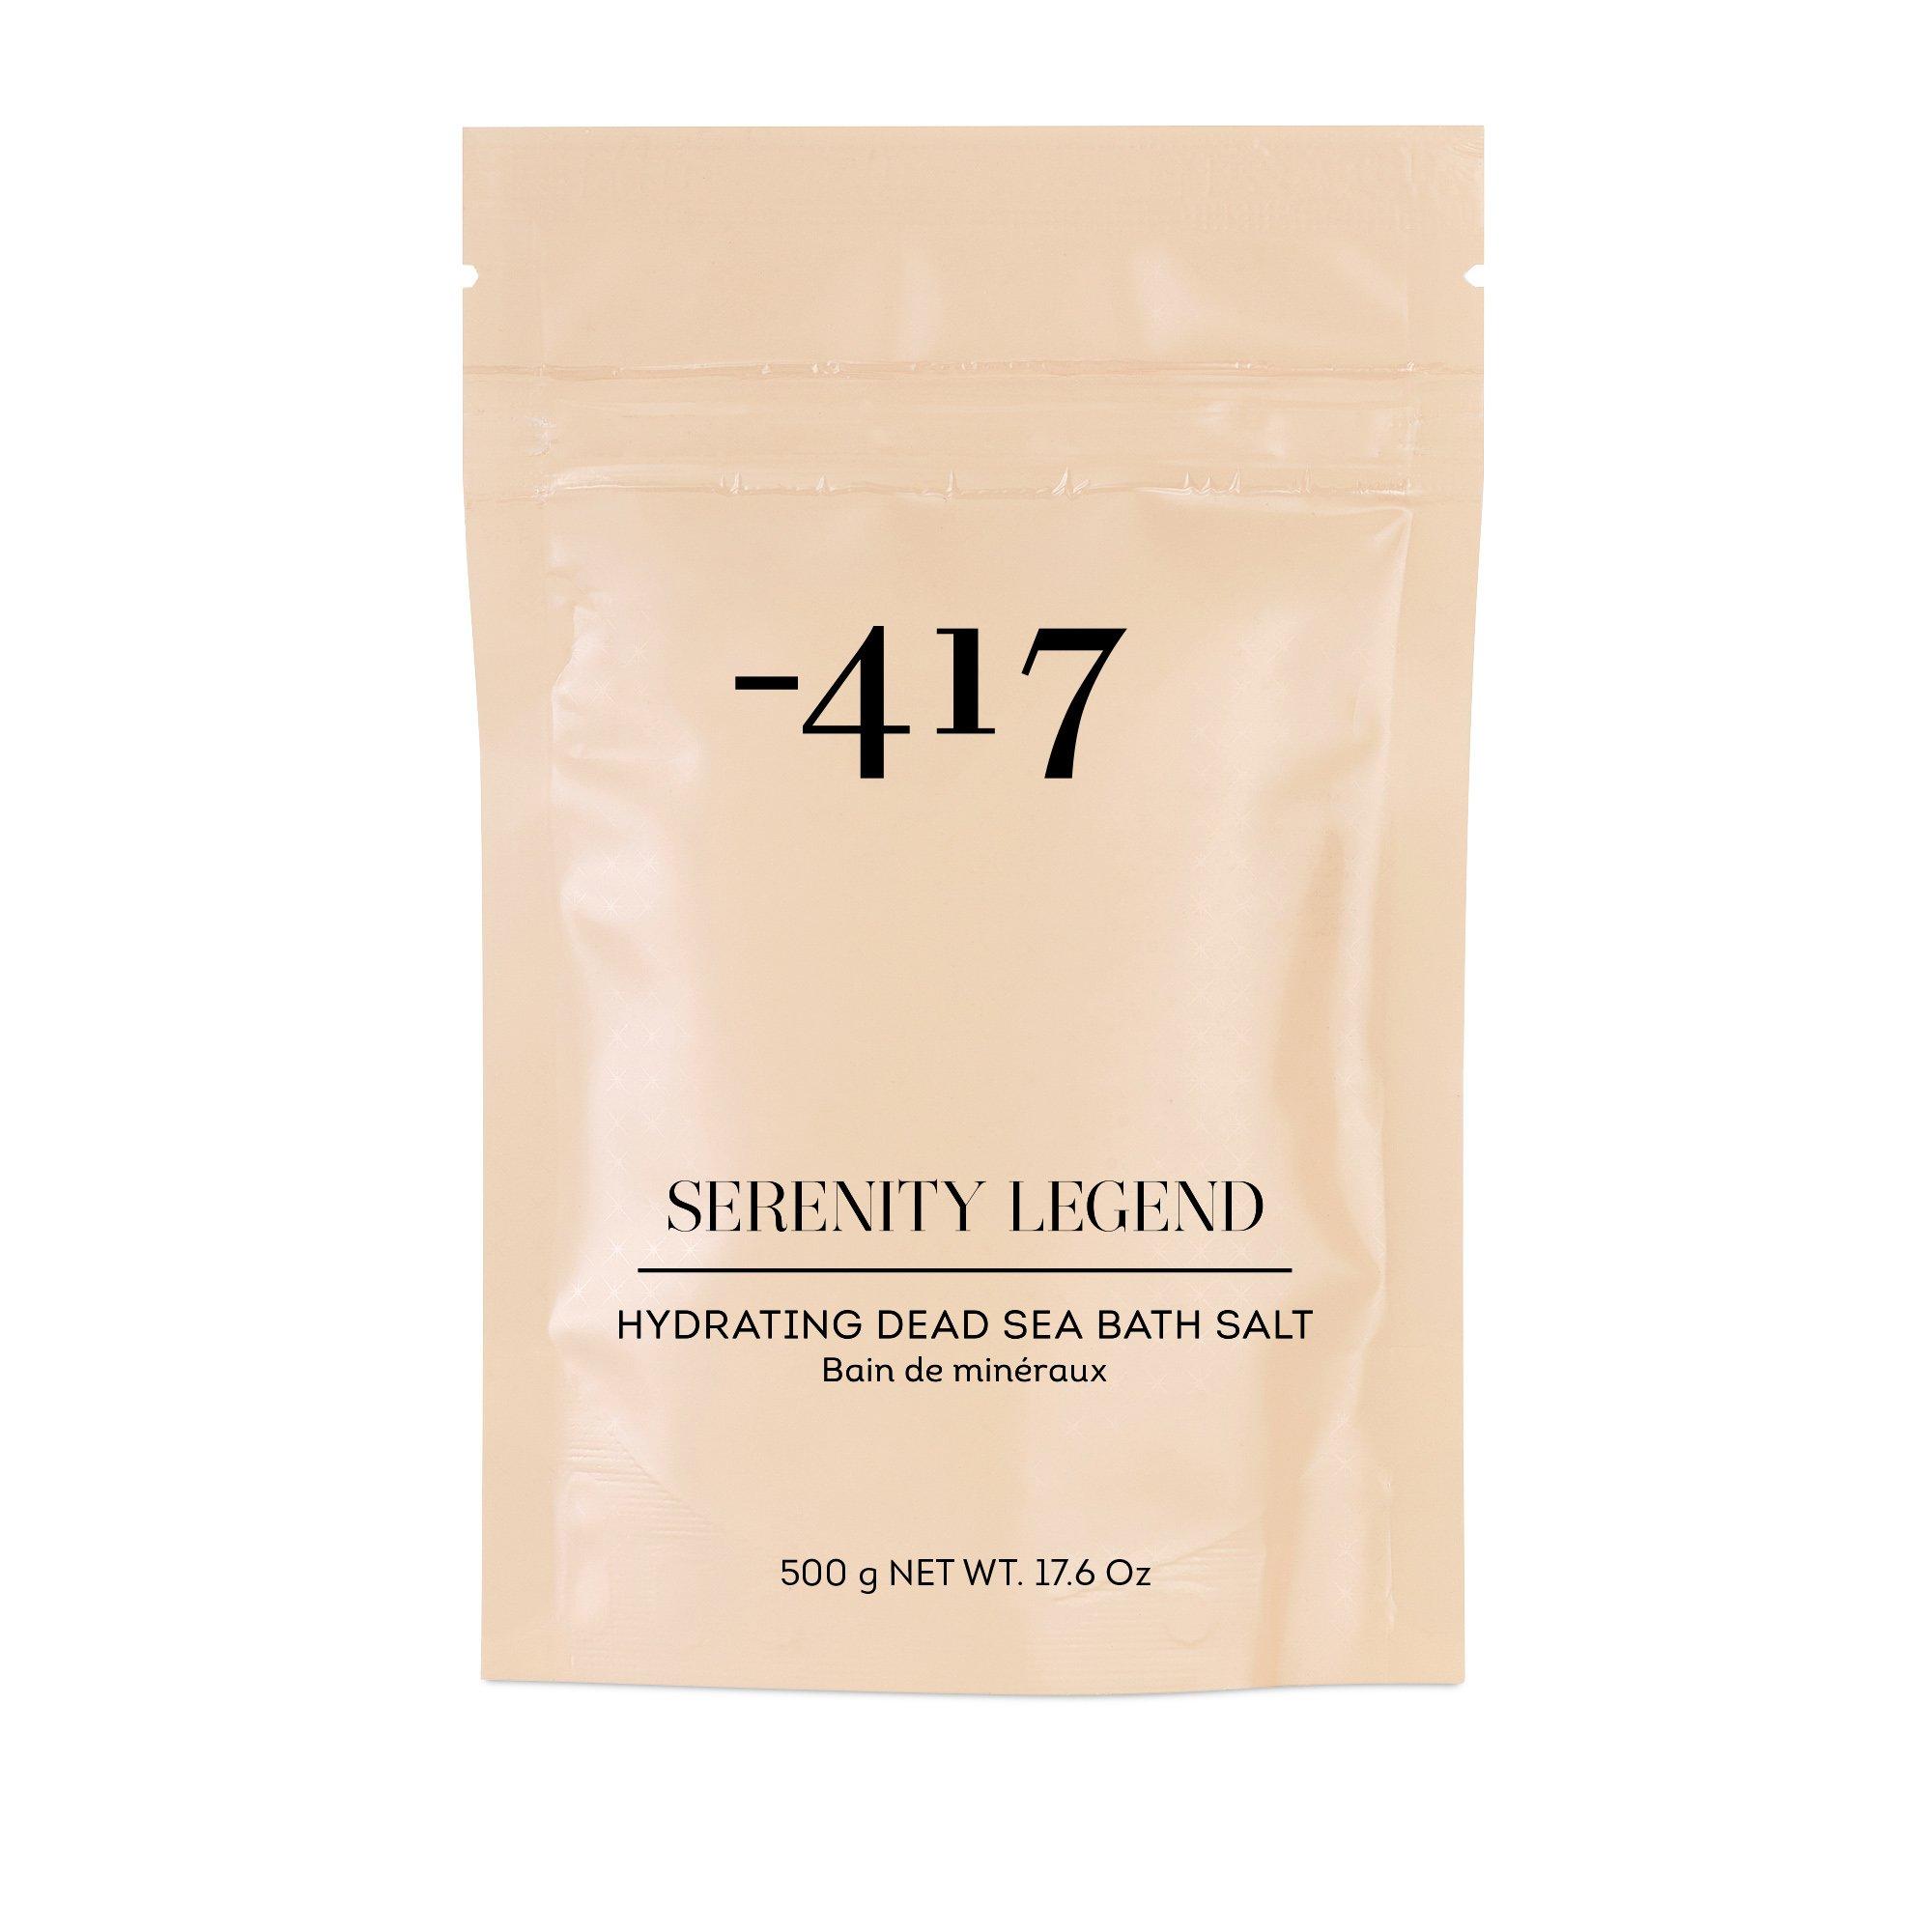 Minus 417 Serenity Legend Hydrating Dead Sea Bath Salt Άλατα για Χαλαρωτικό & Περιποιητικό Μπάνιο 500gr